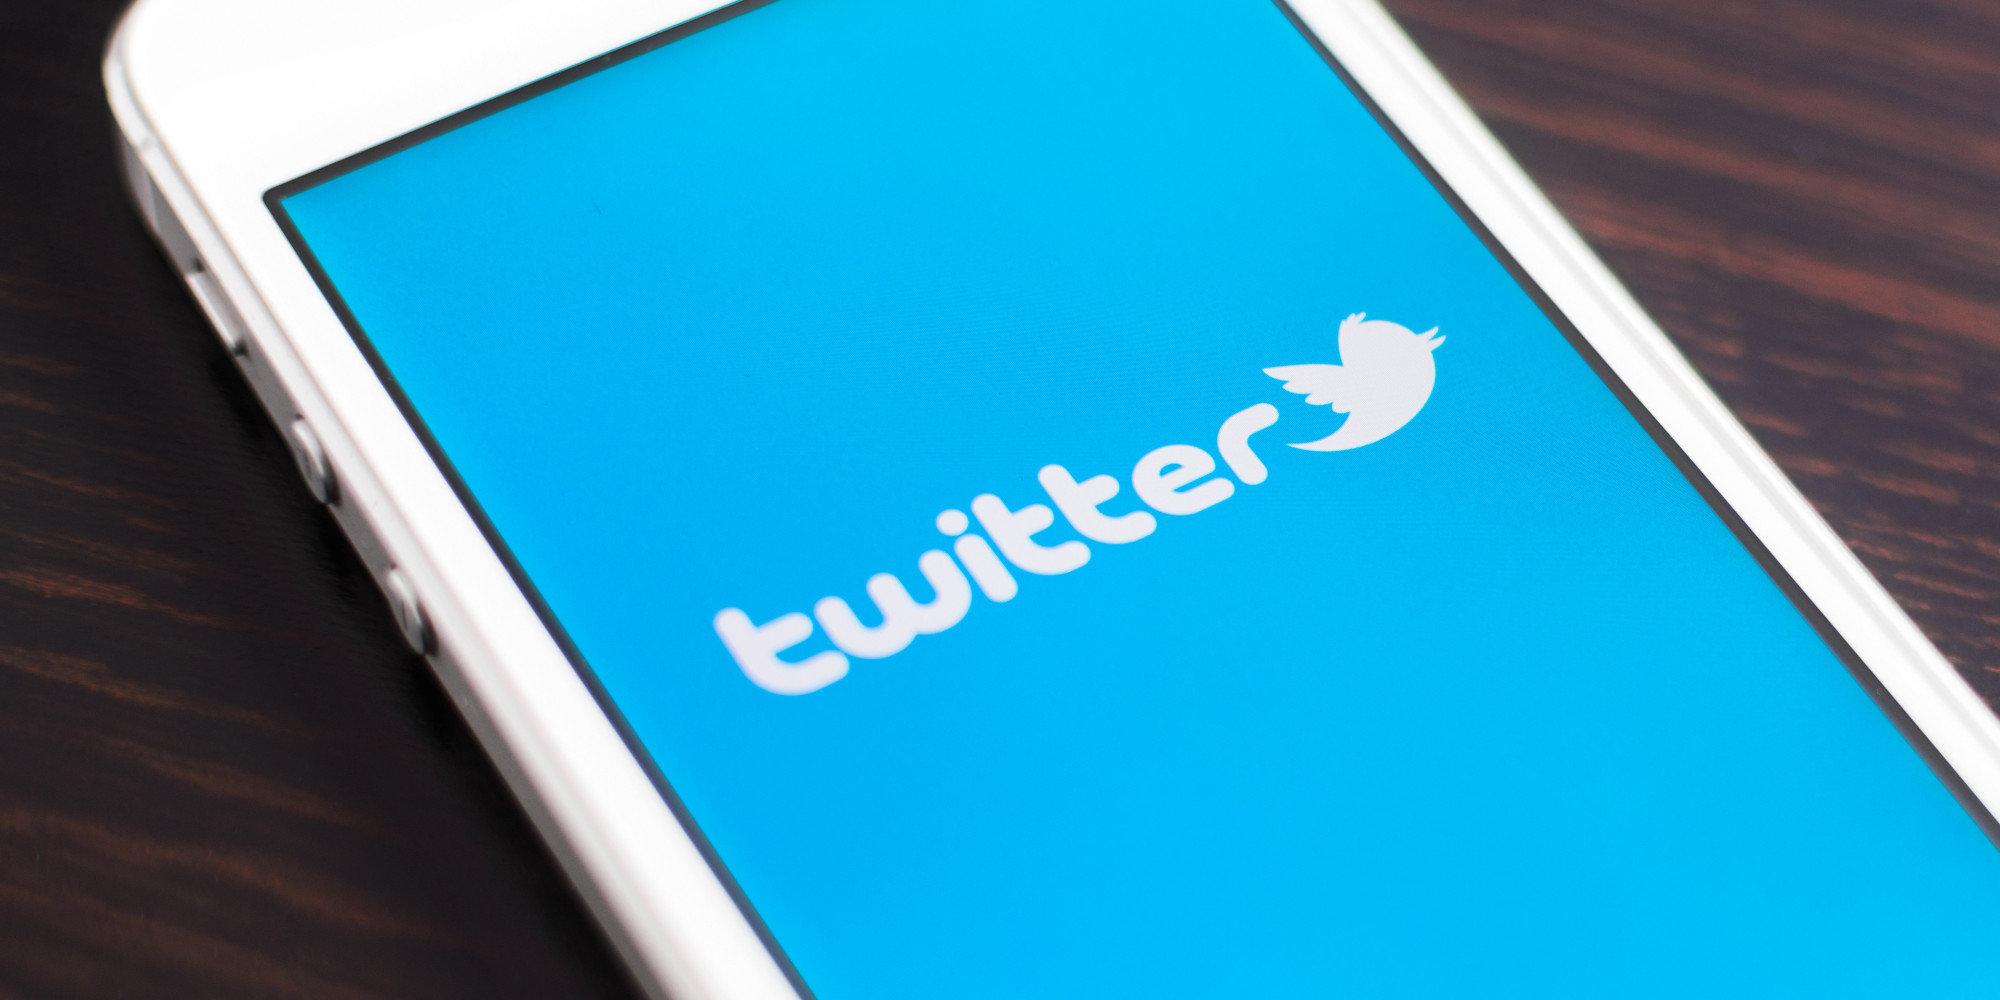 Beneficio de Twitter se eleva pese a caída en su base de usuarios